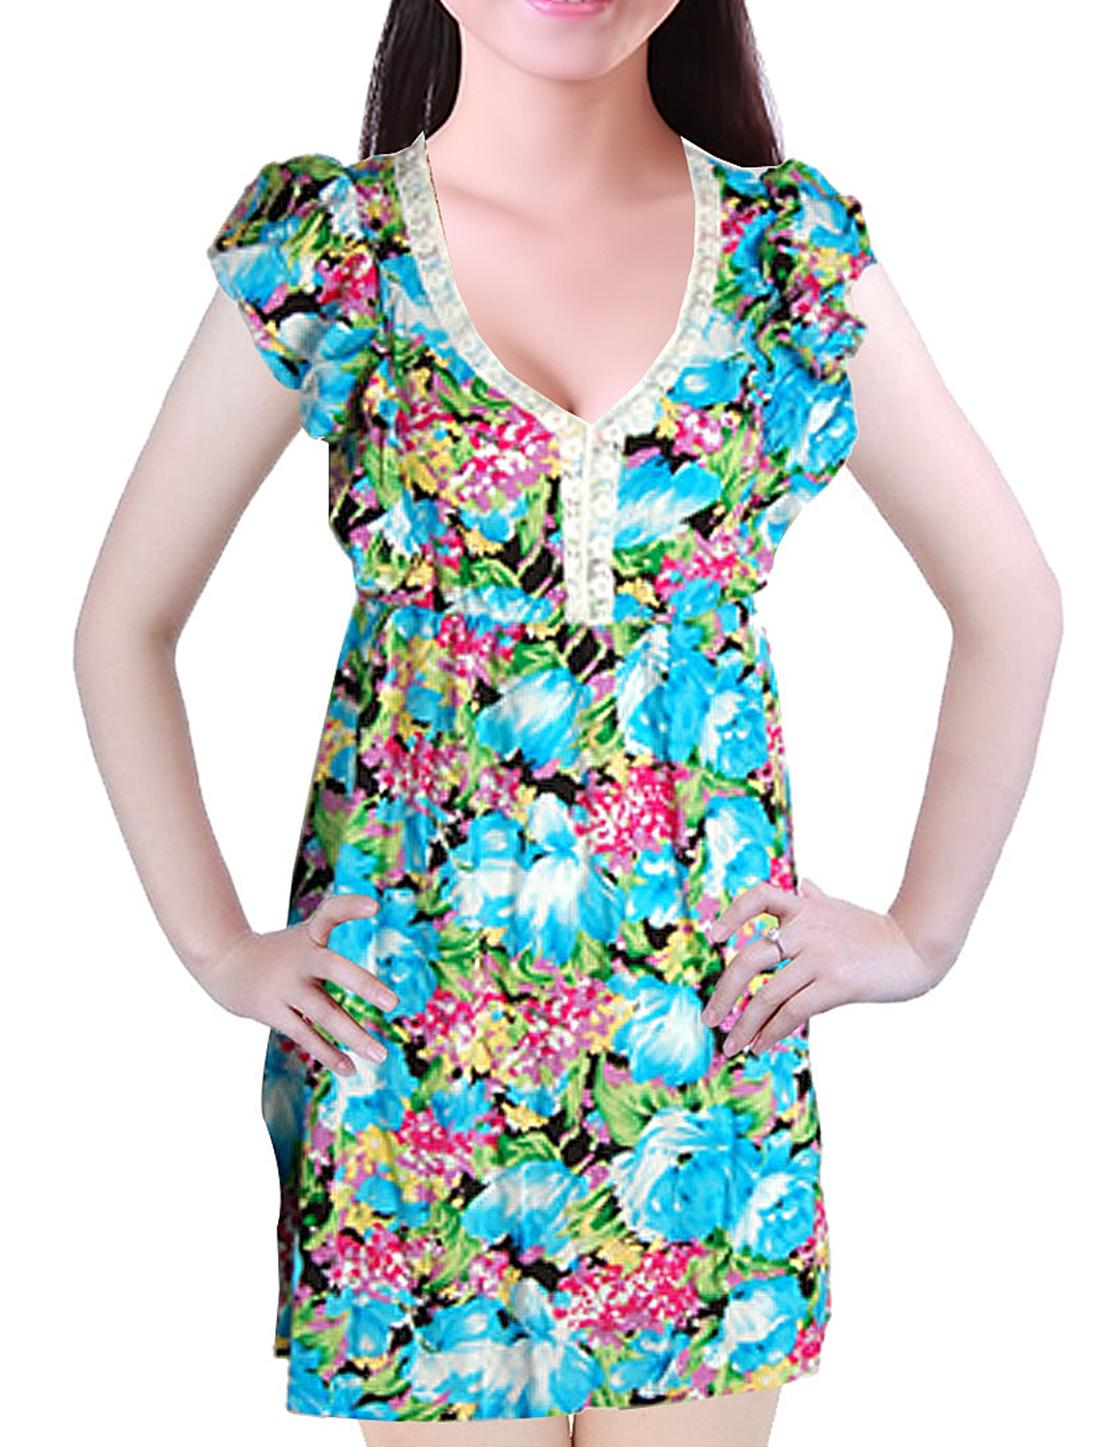 Ladies Colorful Flower Print Cap Sleeves Dress S